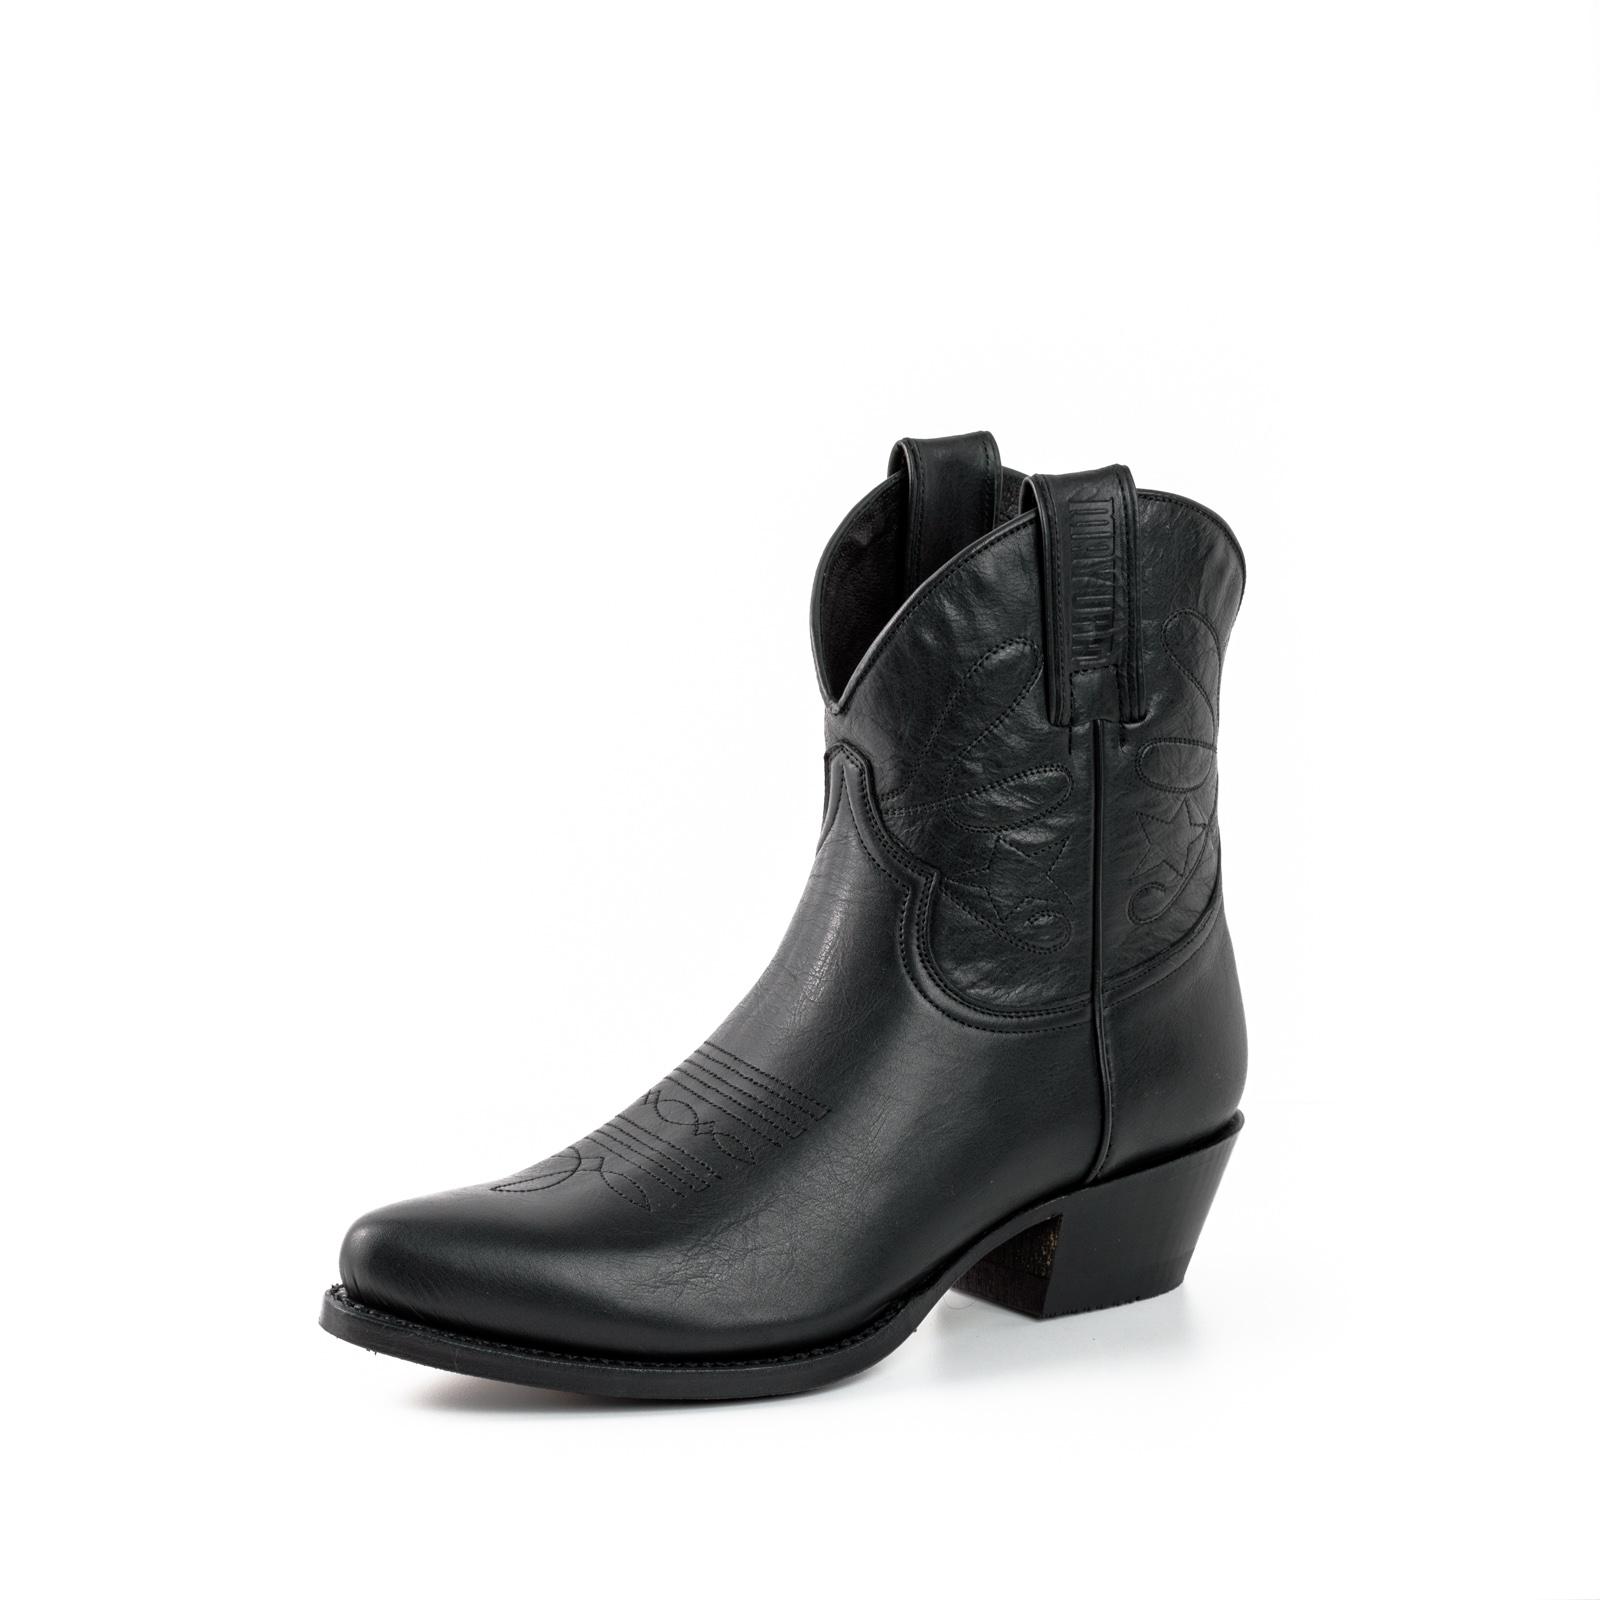 Mayotte botas de cuero negro 2374